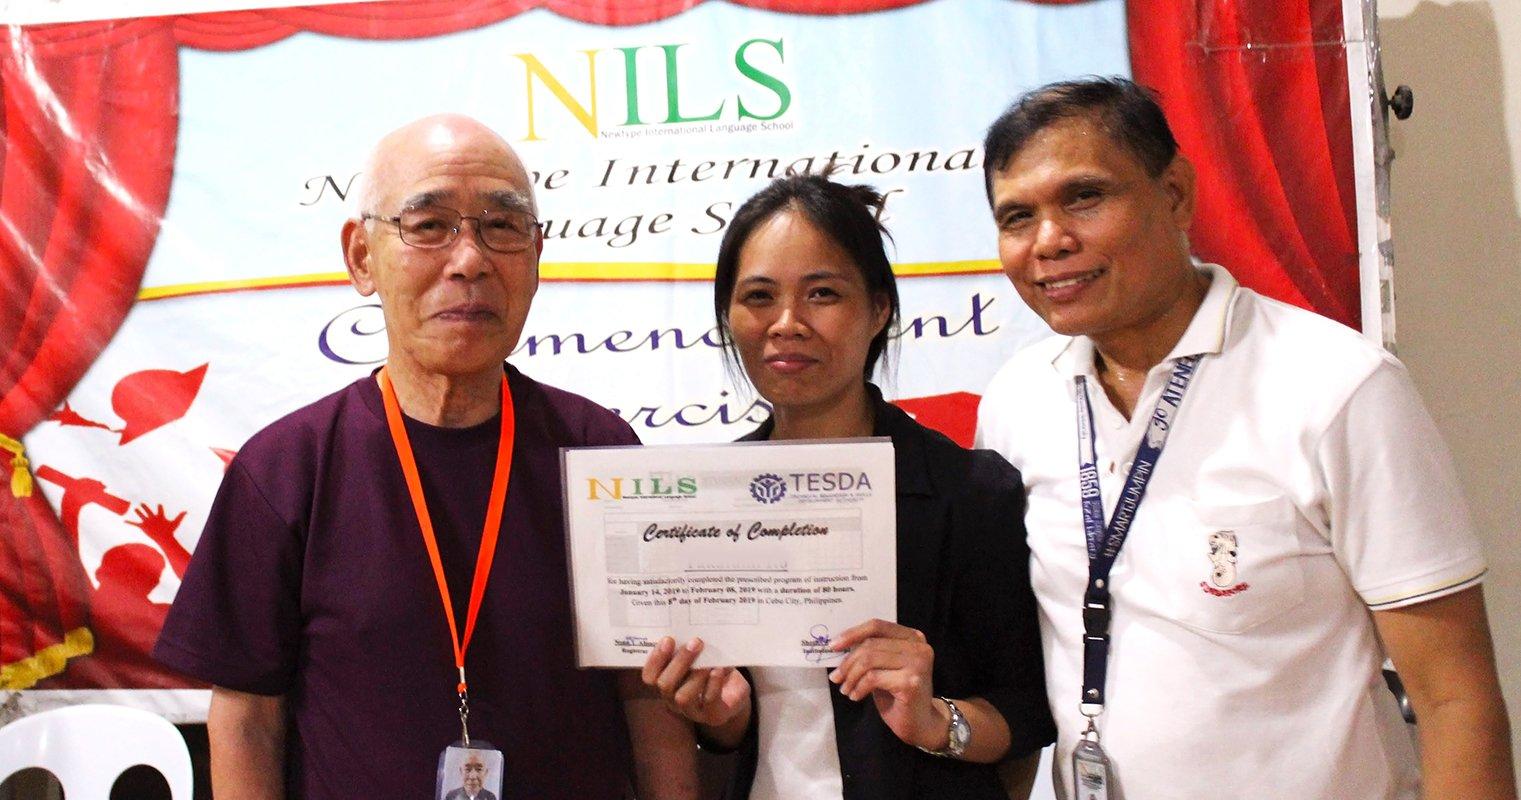 80 настай ахмад сурагчийн түүх. ABC үсгээс эхэлж Филиппин улсад англи хэлийг сурах нь миний амьдралын хамгийн тансаг мөчүүдийн нэг байсан.